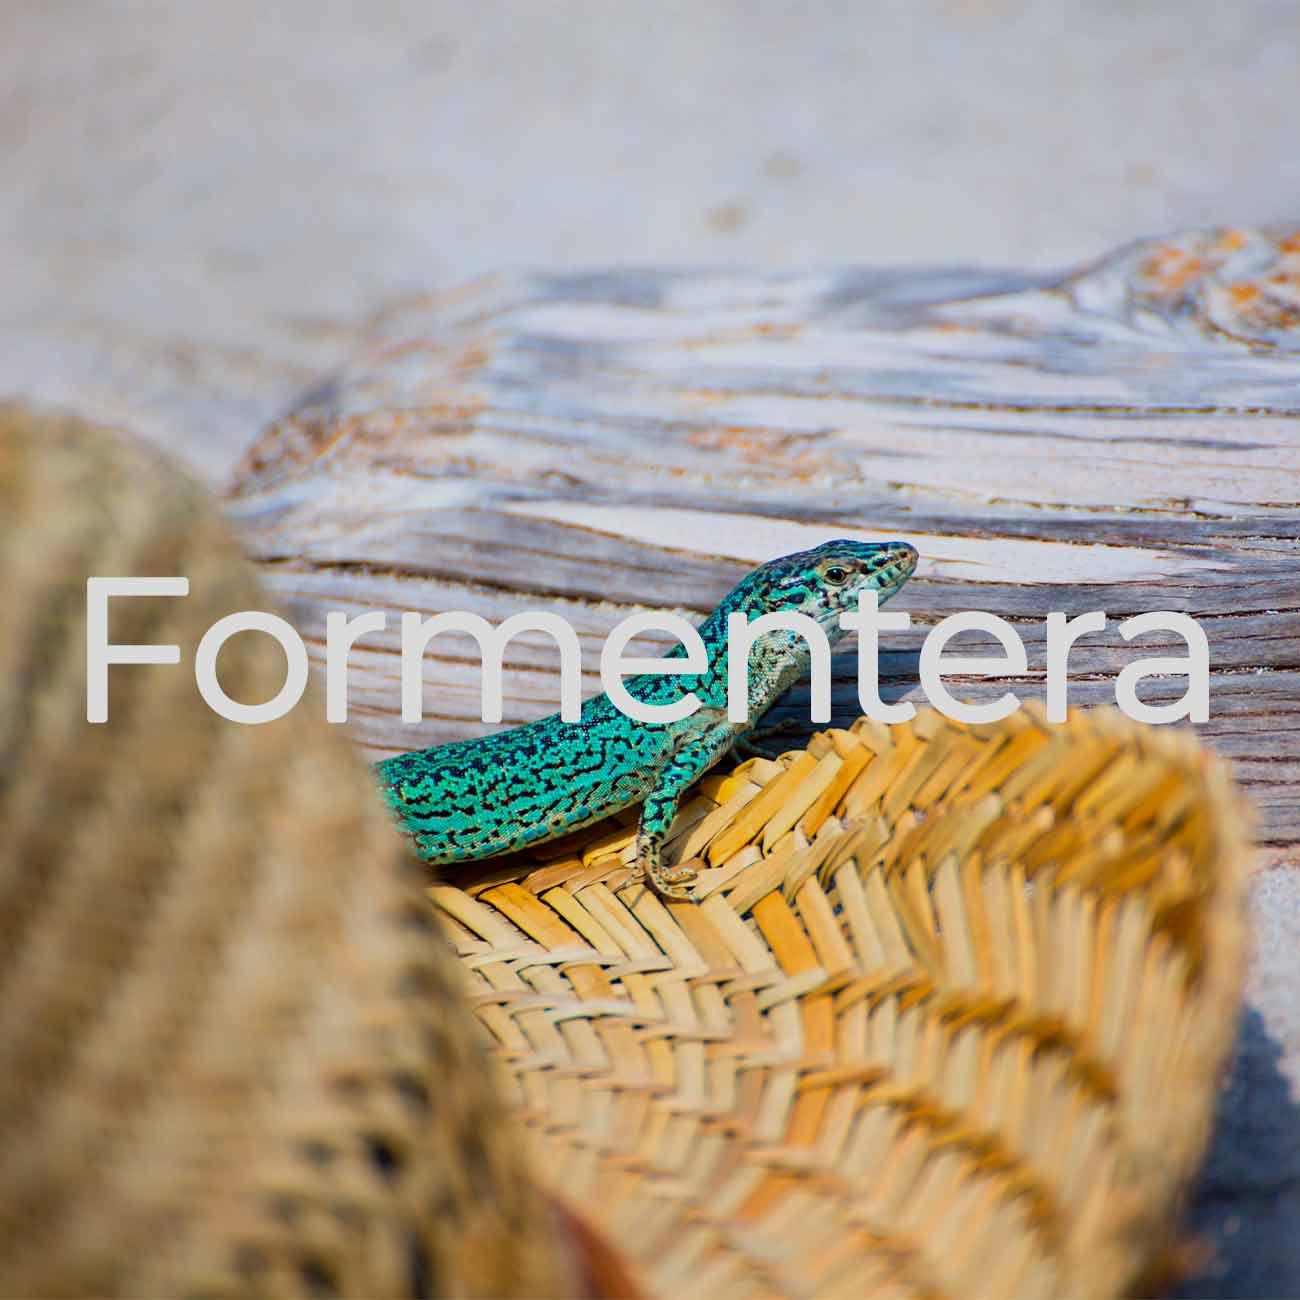 Destination Management Company Formentera